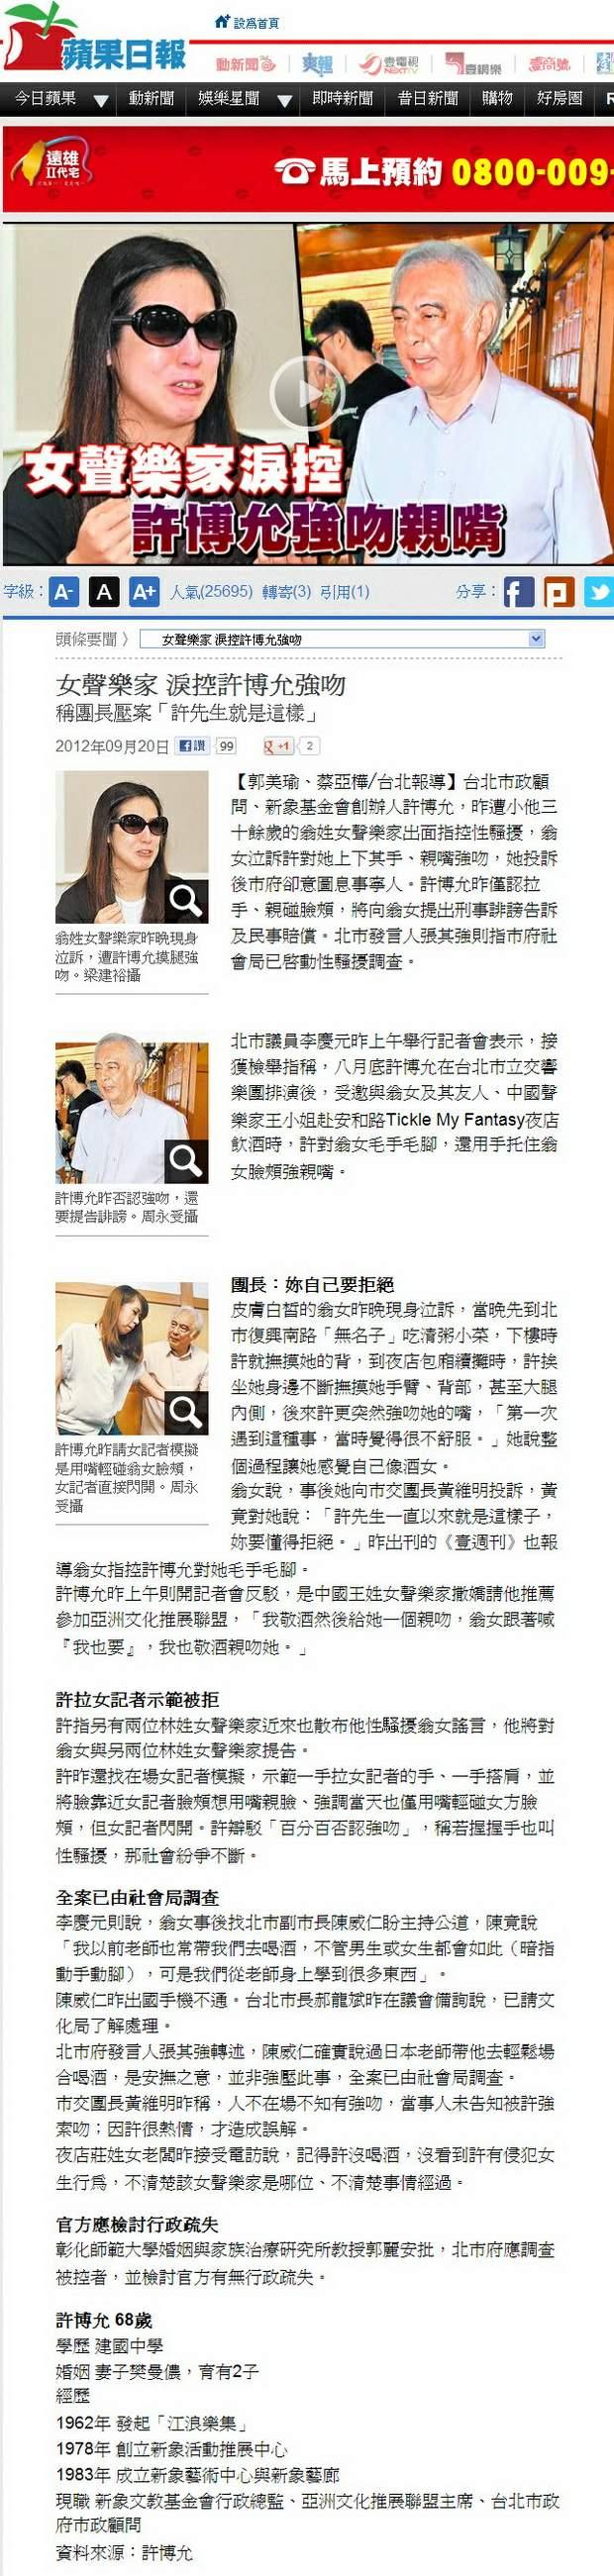 女聲樂家 淚控許博允強吻-2012.09.20-01